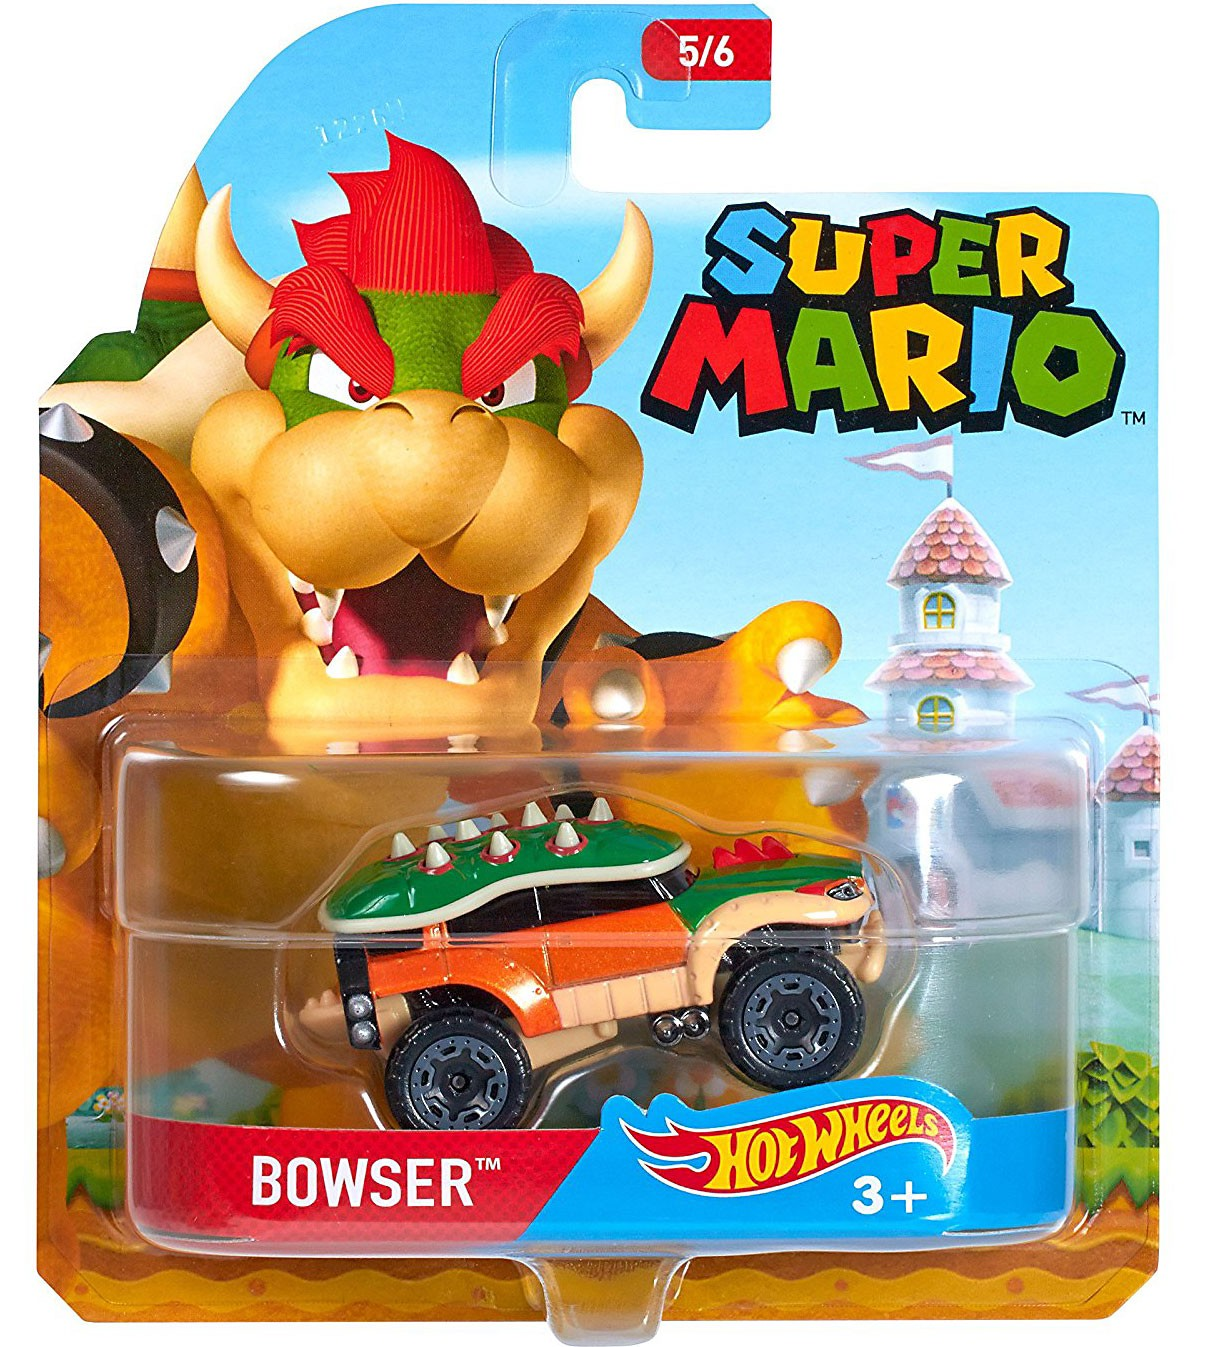 Mario Kart Hot Wheels Character Cars BOWSER BANDWAGON